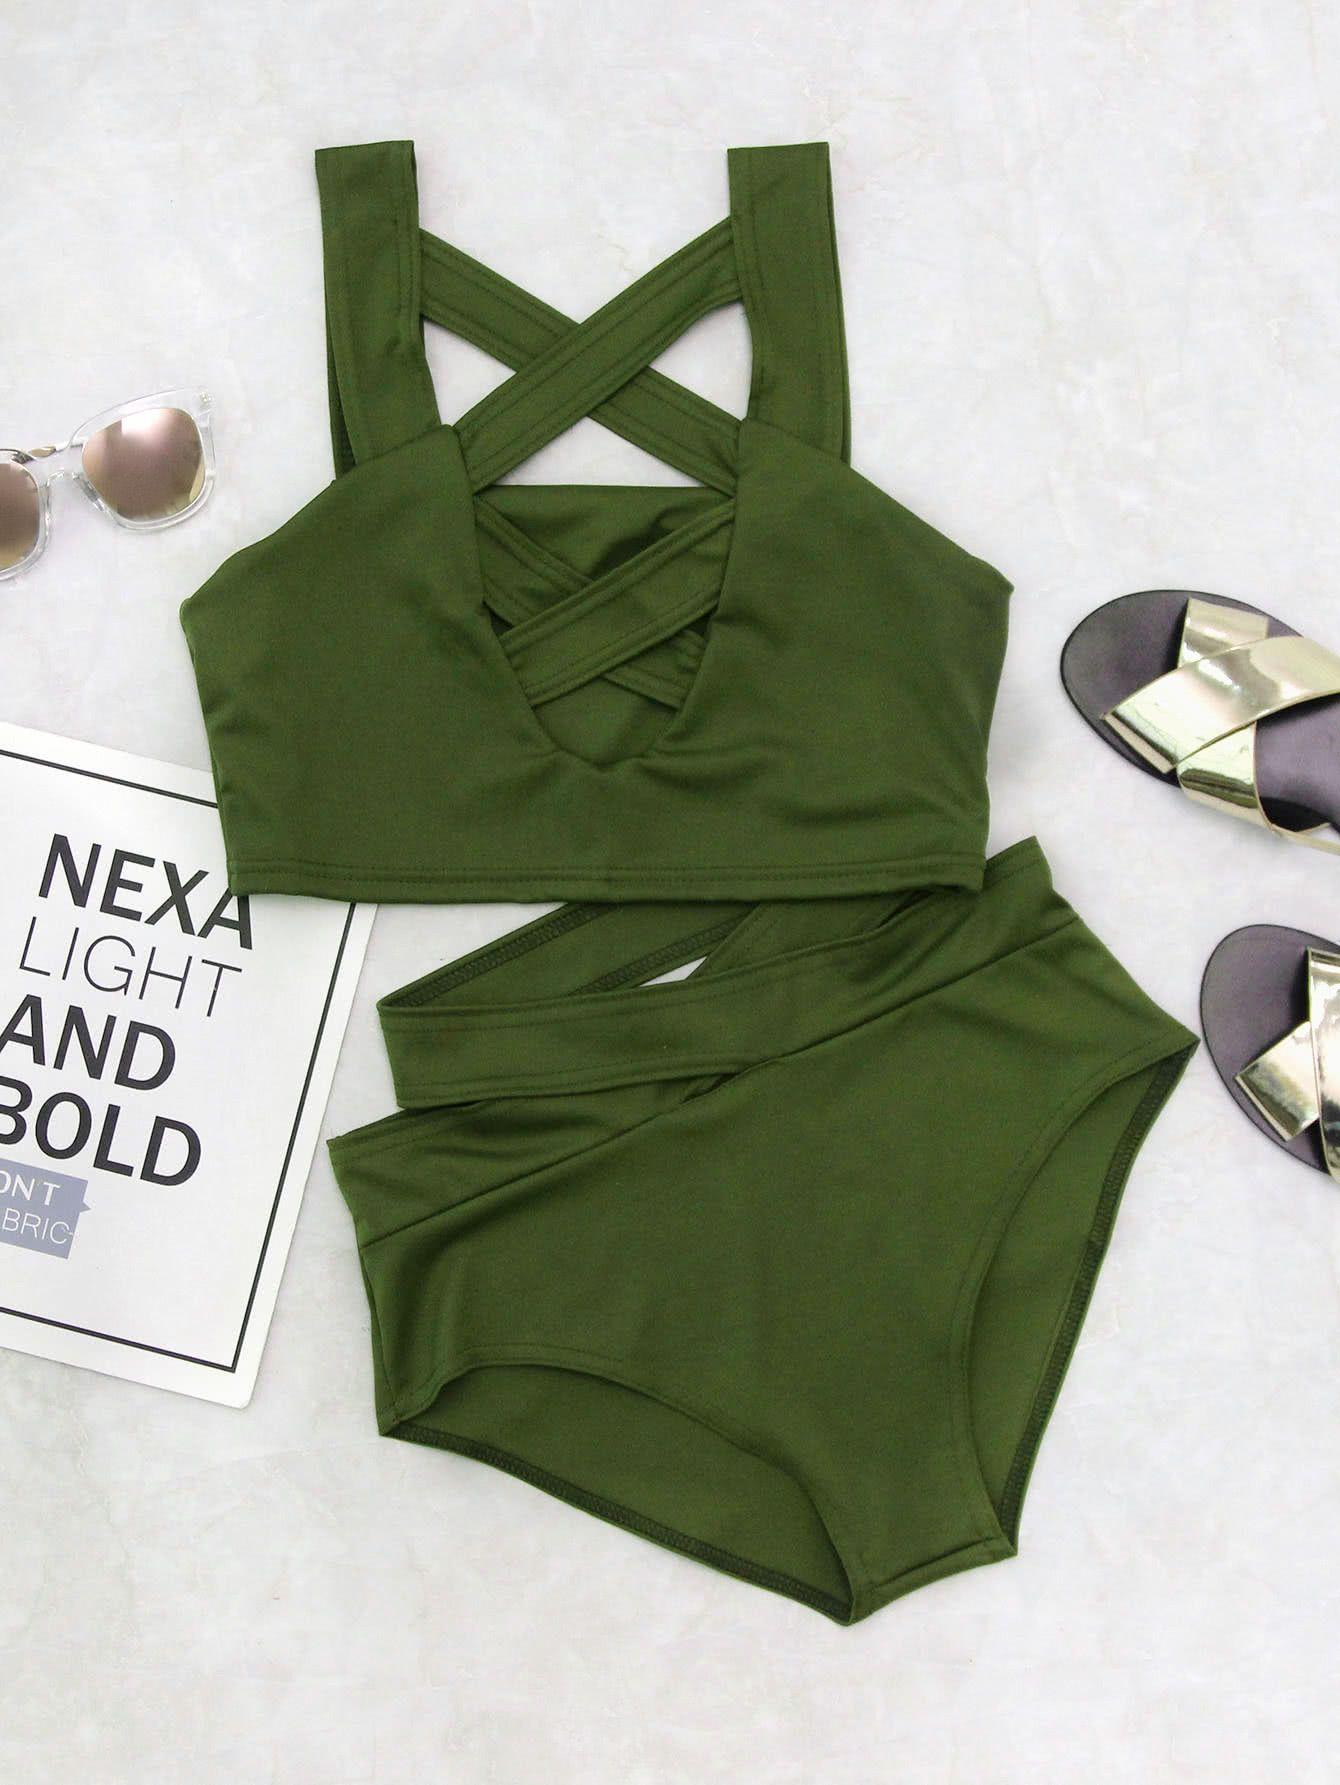 a9a340e2b6 Shop Criss Cross Cut Front High Waist Bikini Set online. SheIn offers Criss  Cross Cut Front High Waist Bikini Set & more to fit your fashionable needs.